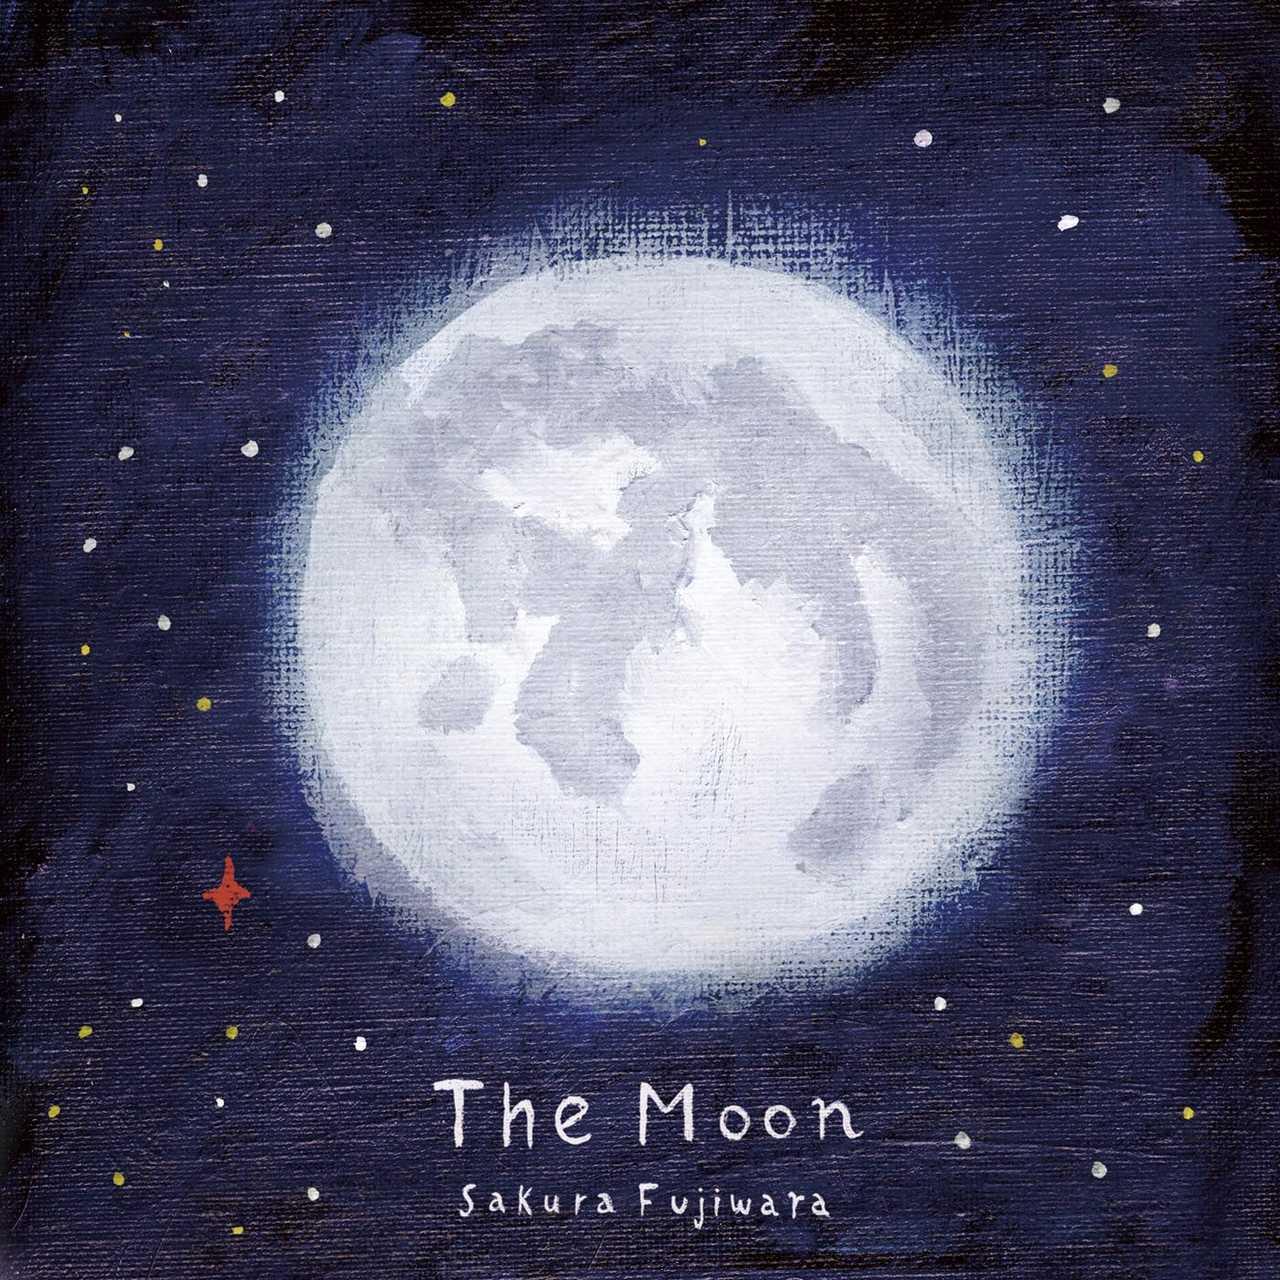 配信楽曲「The Moon」